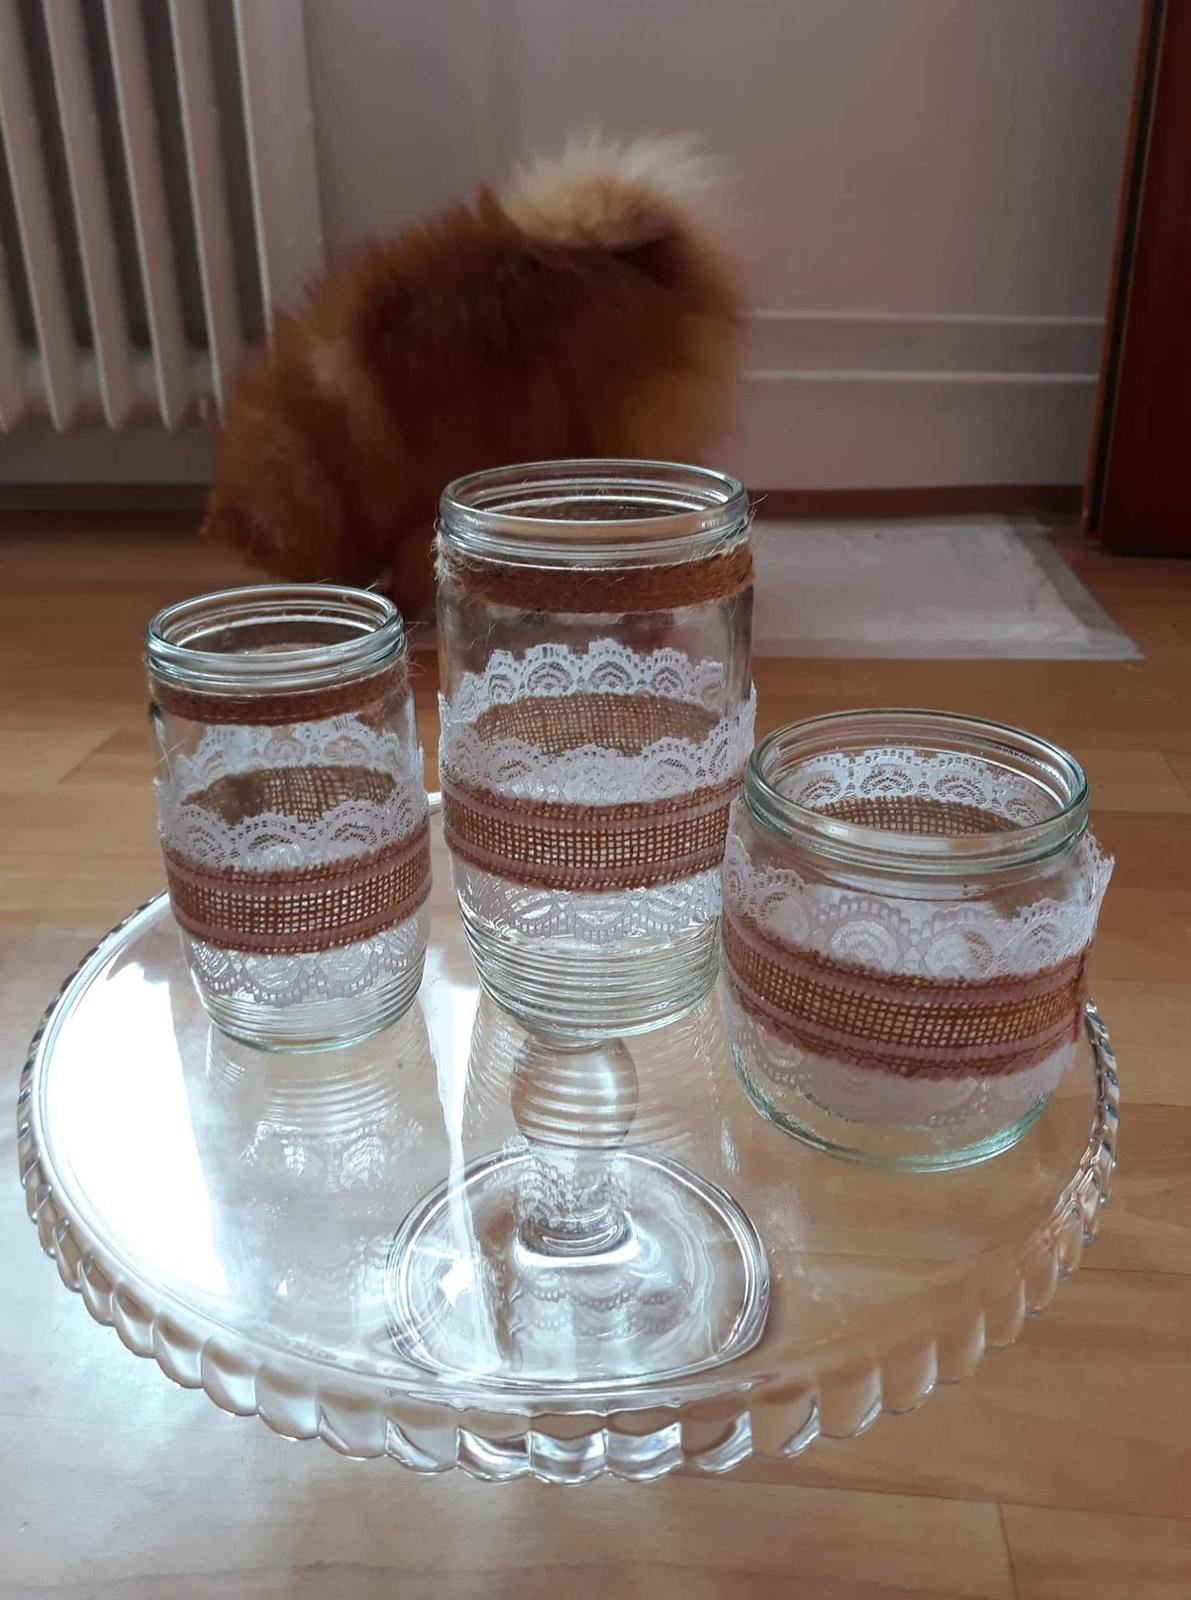 Zdobné sklenice na svíčky a kytky - Obrázek č. 2